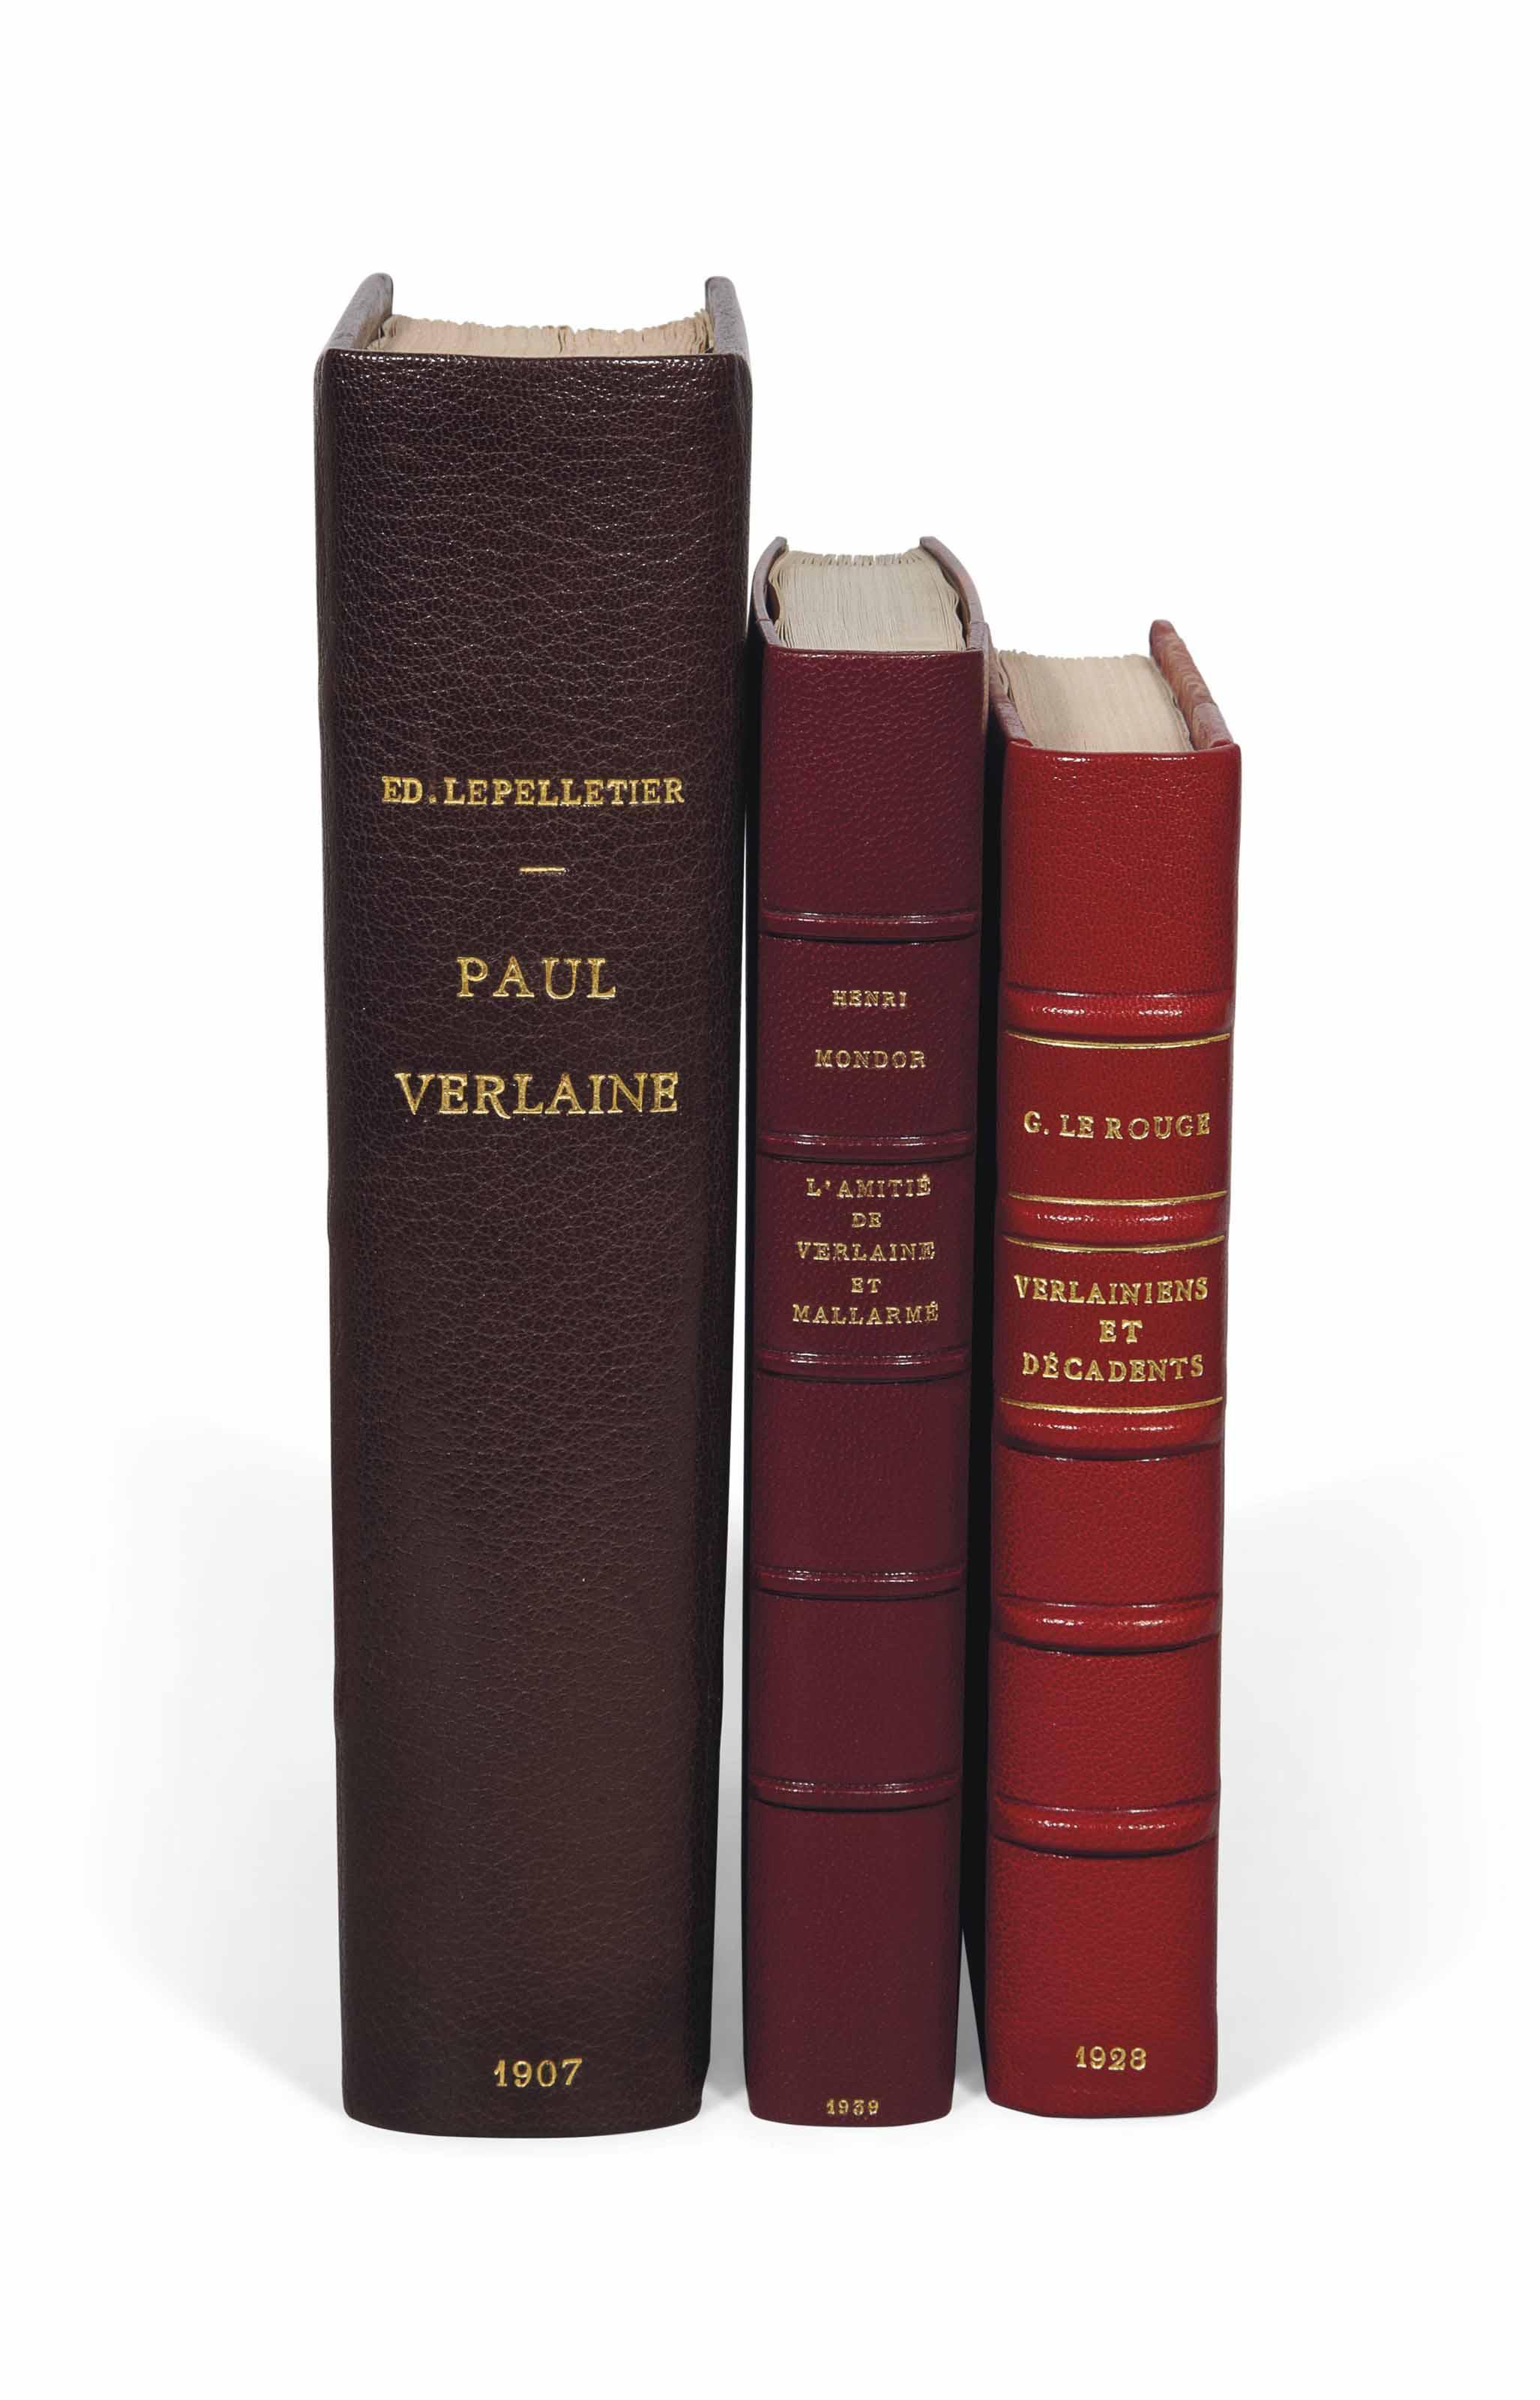 [Paul VERLAINE] -- Réunion de 3 ouvrages sur Verlaine en édition originale.